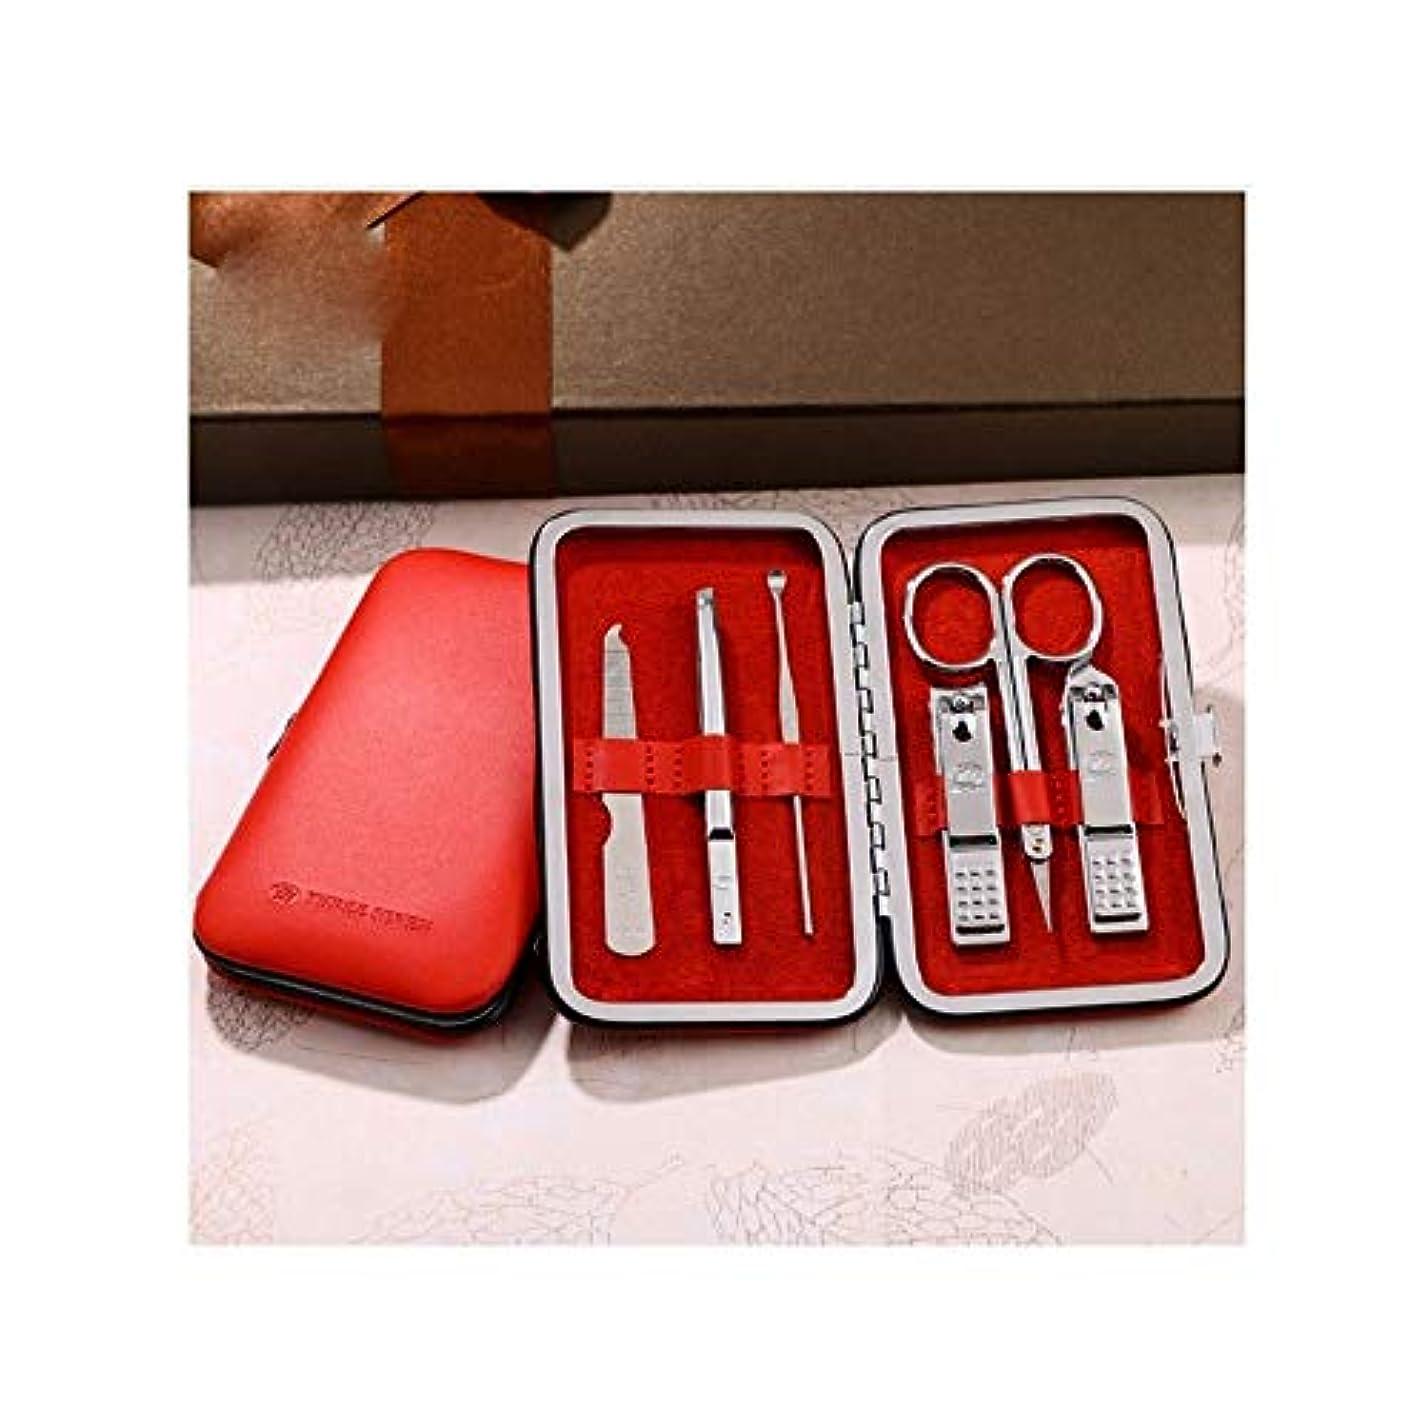 かもしれないオーバーコート大臣JIAYIZS ネイルはさみを設定ネイルナイフセットのデコレーションネイルケアツールネイルクリッパーはポータブルファッションセット[赤] 6セットを設定します。 (Color : Red)